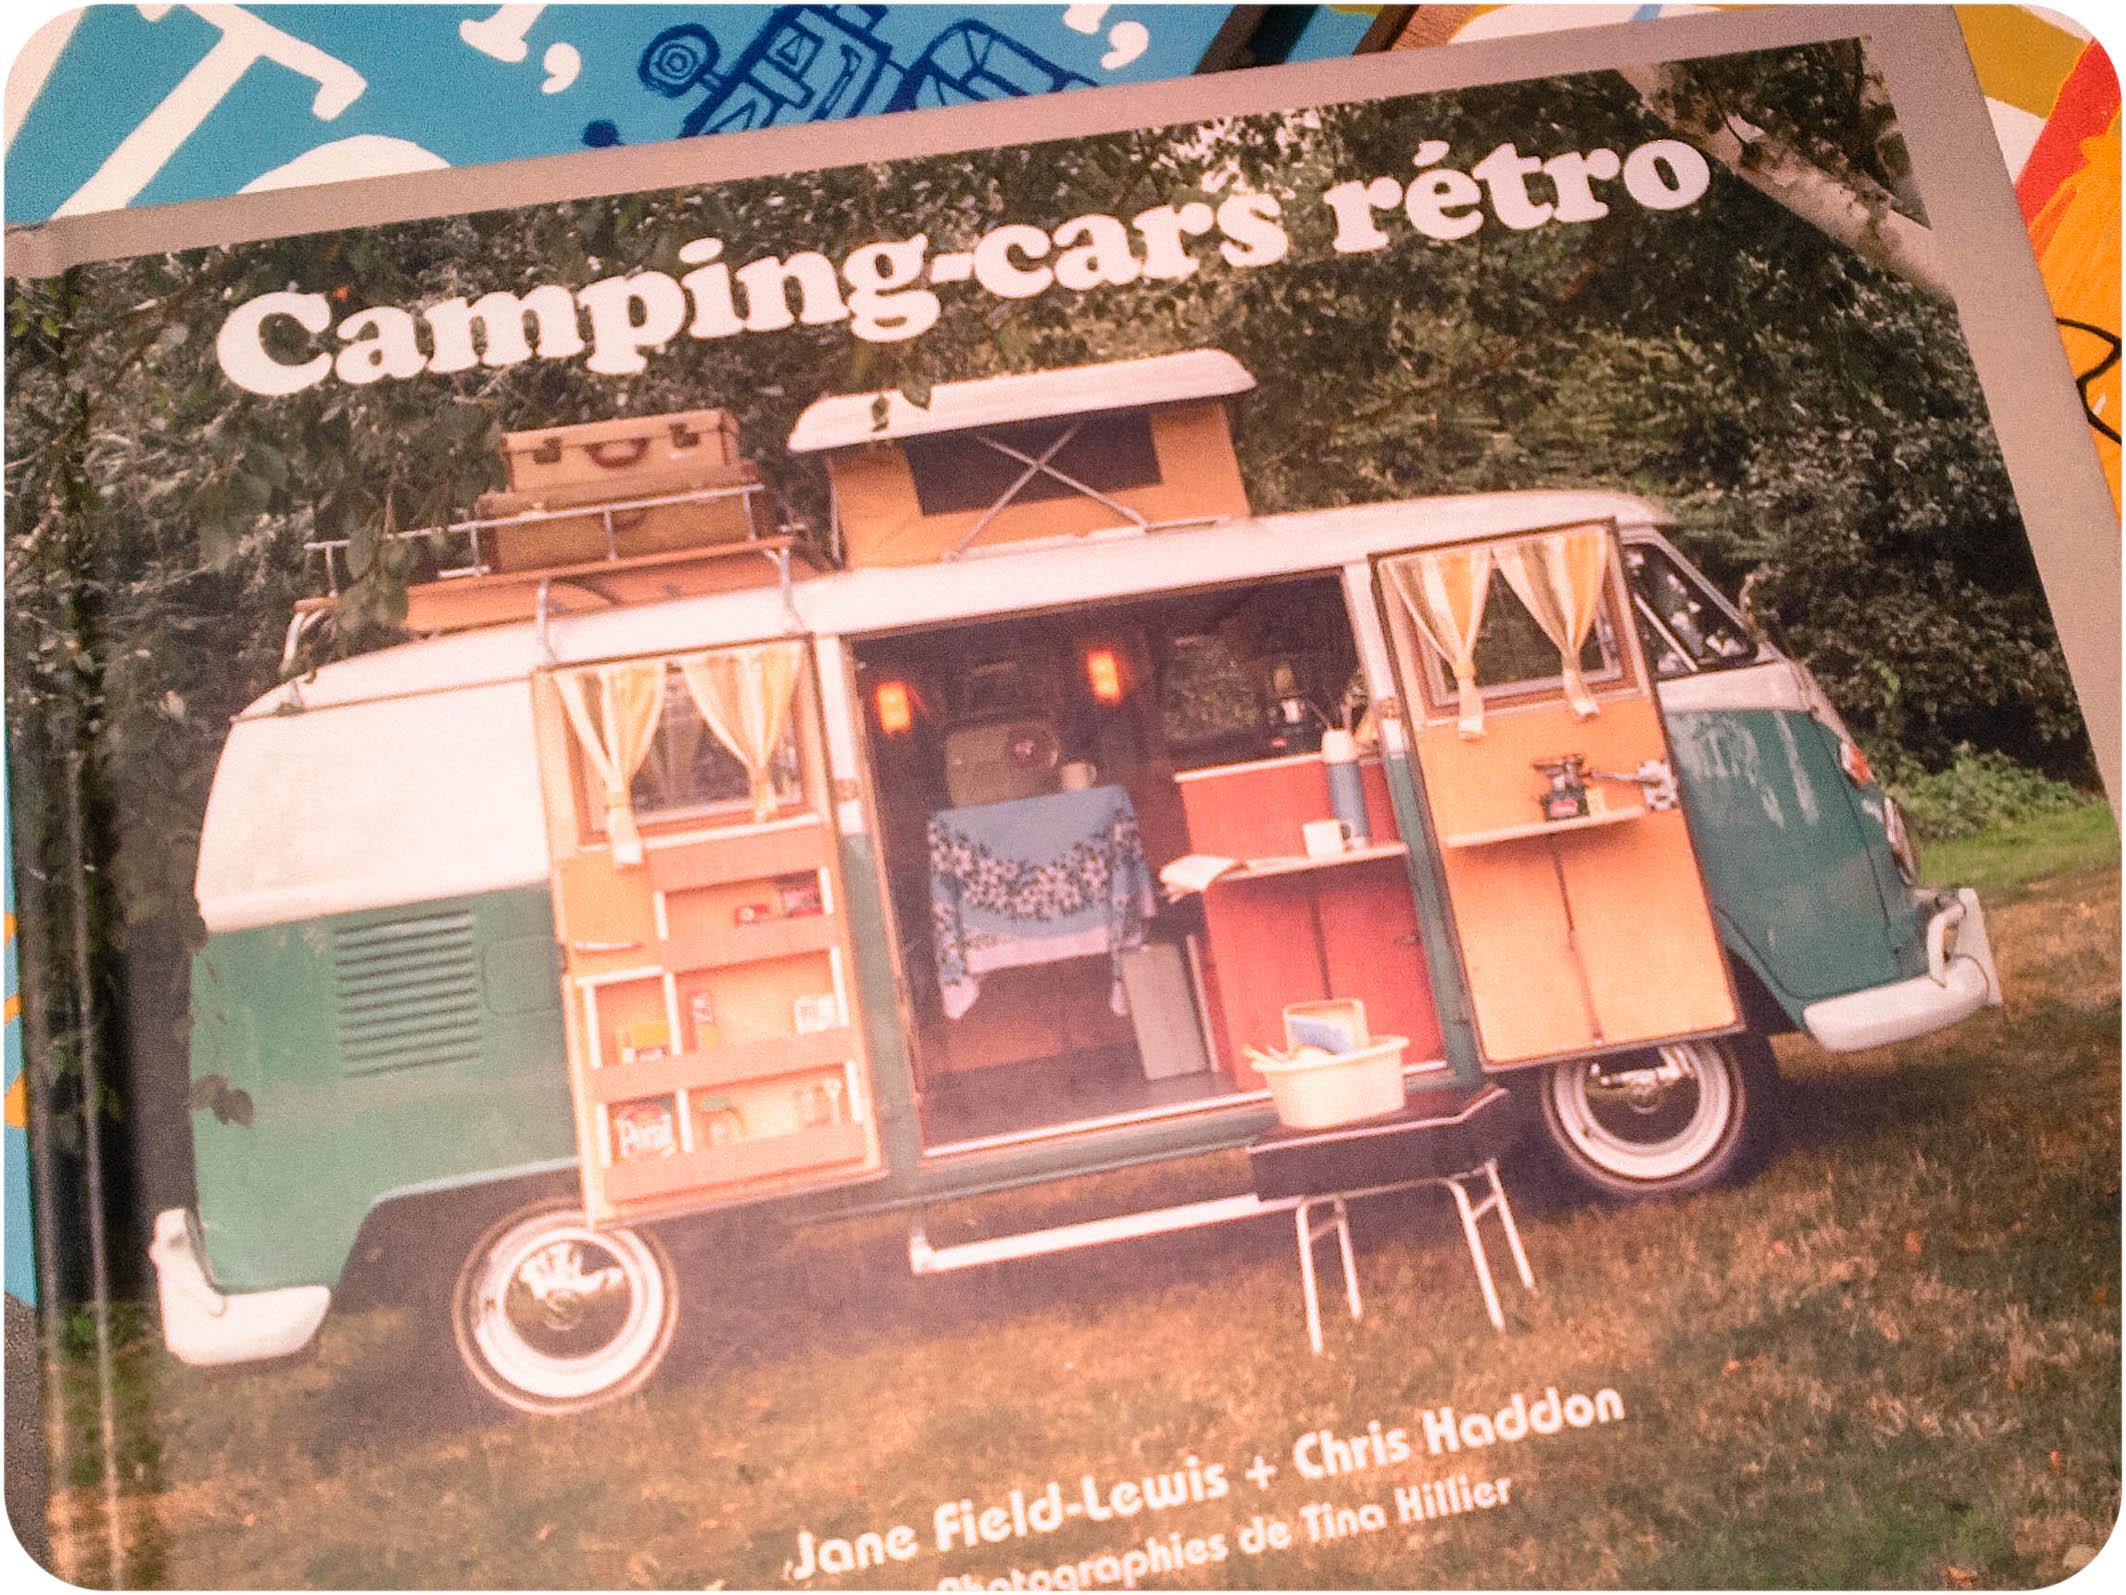 Artazartcamping-cars retro